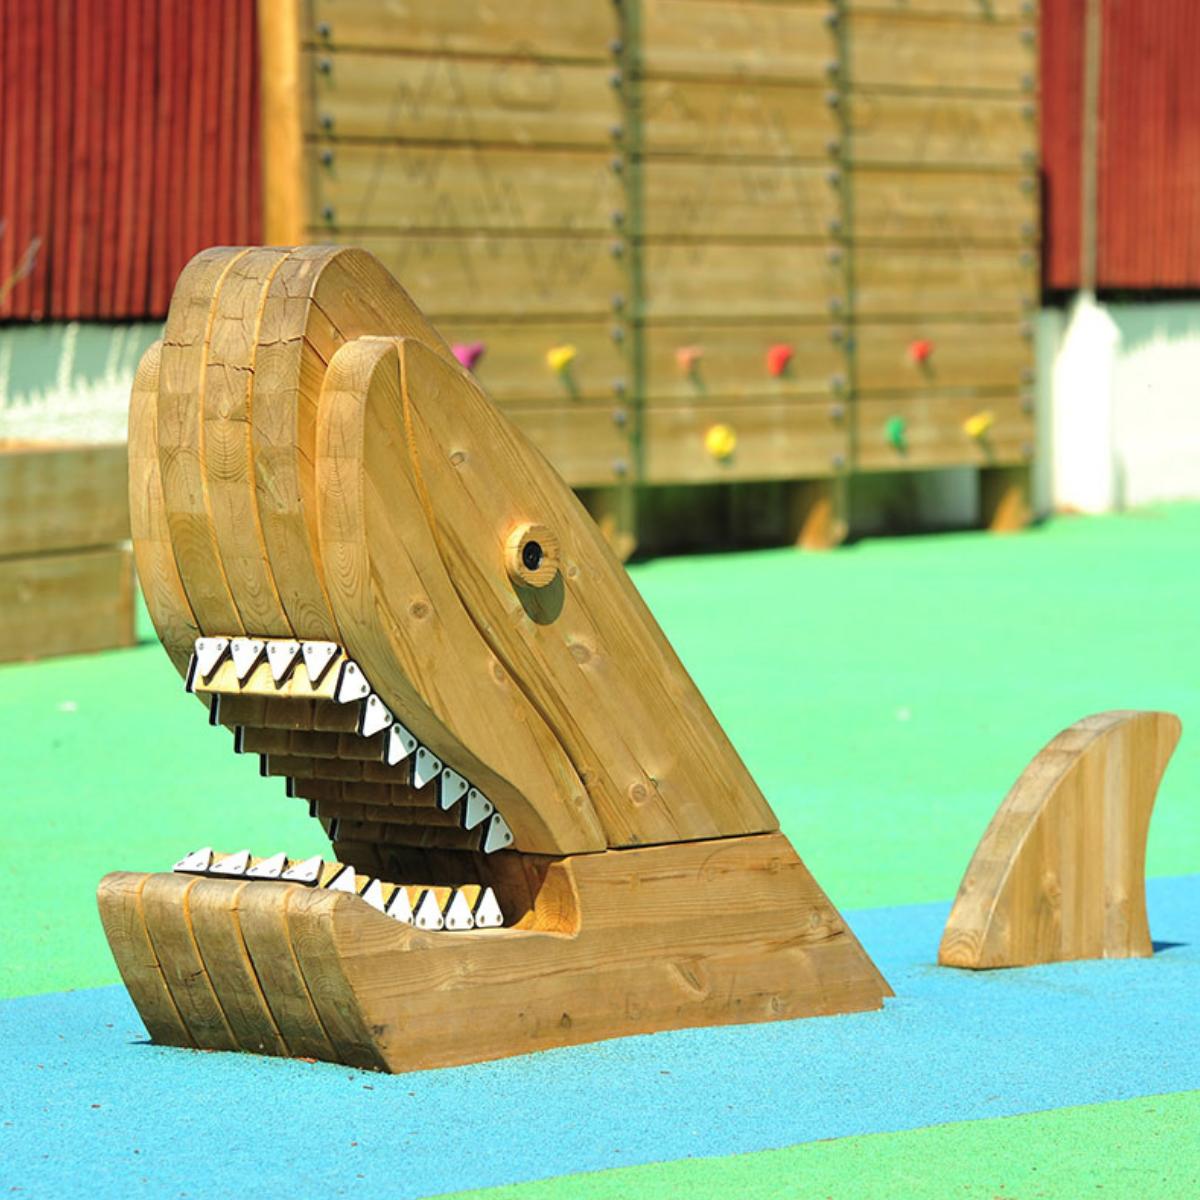 Shark Play Sculpture